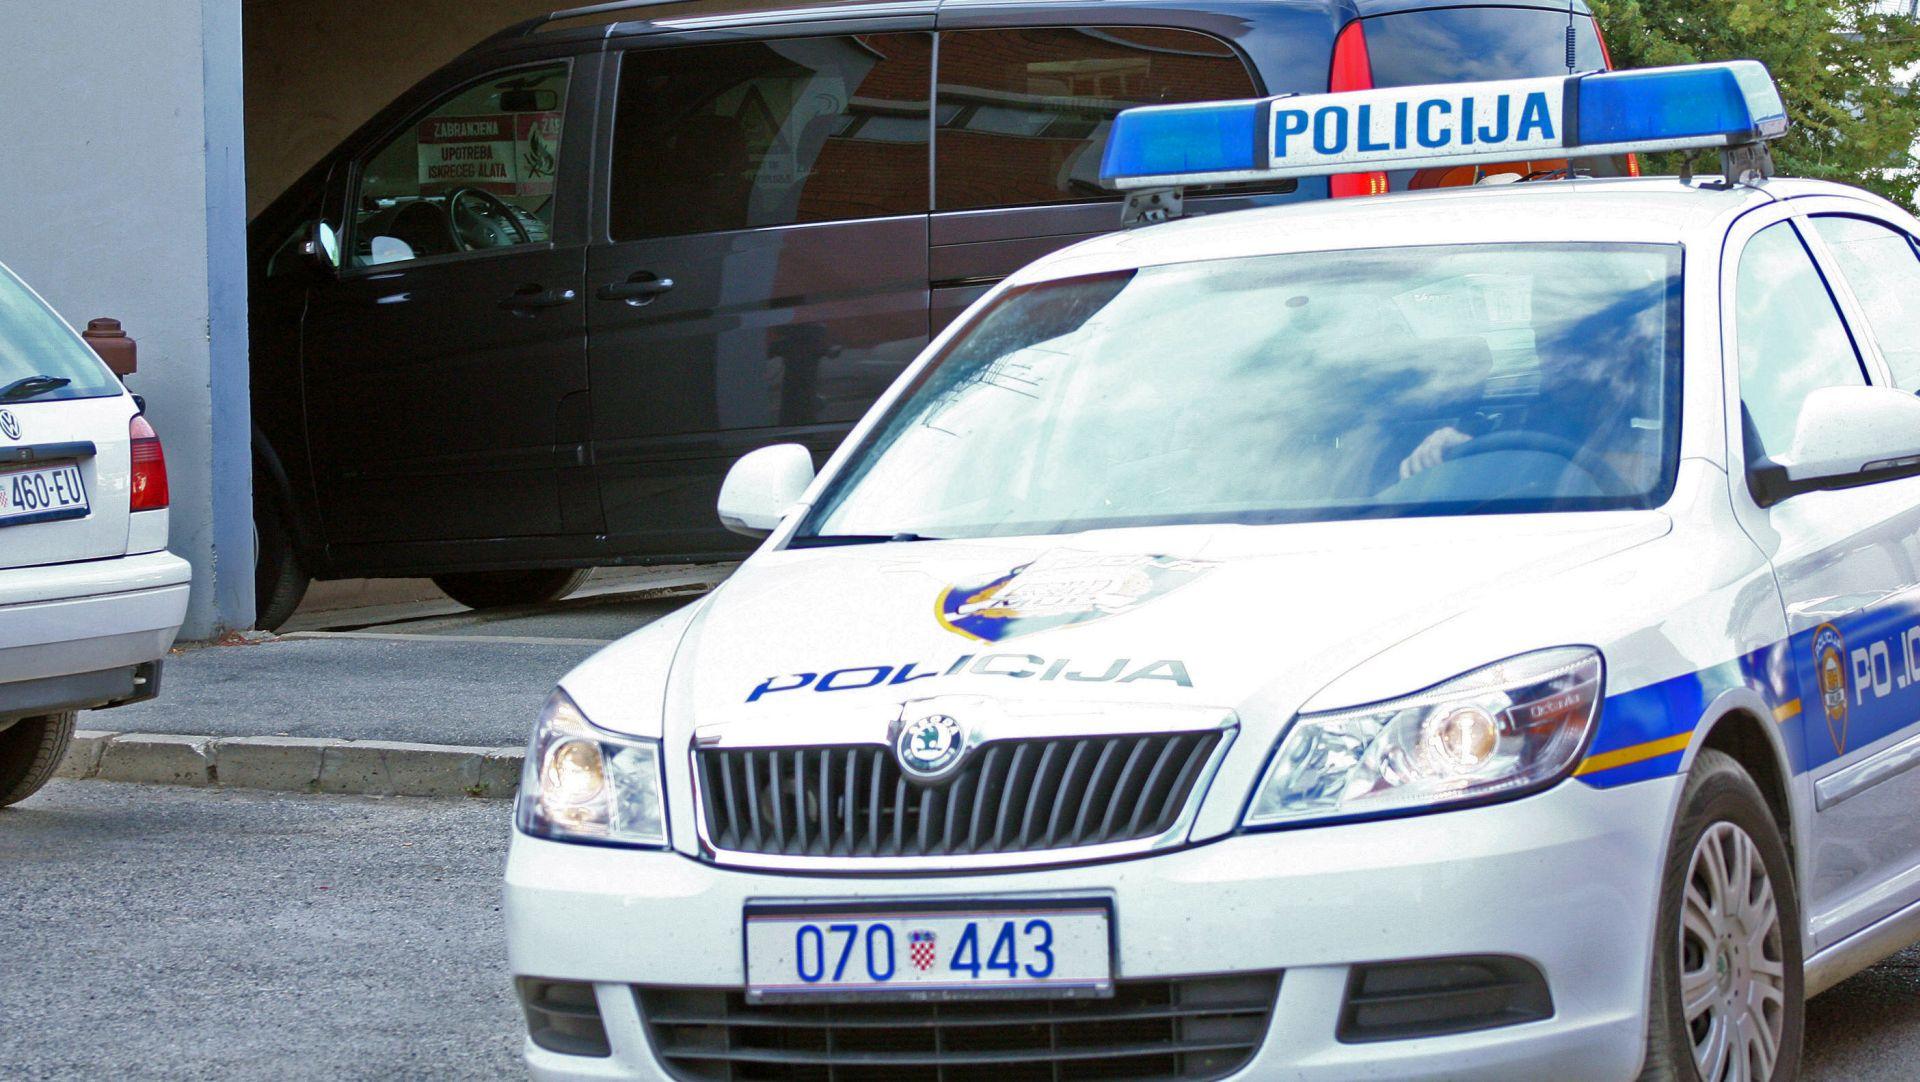 Utvrđene okolnosti u kojima je ozlijeđena žena u Gornjem Kučanu